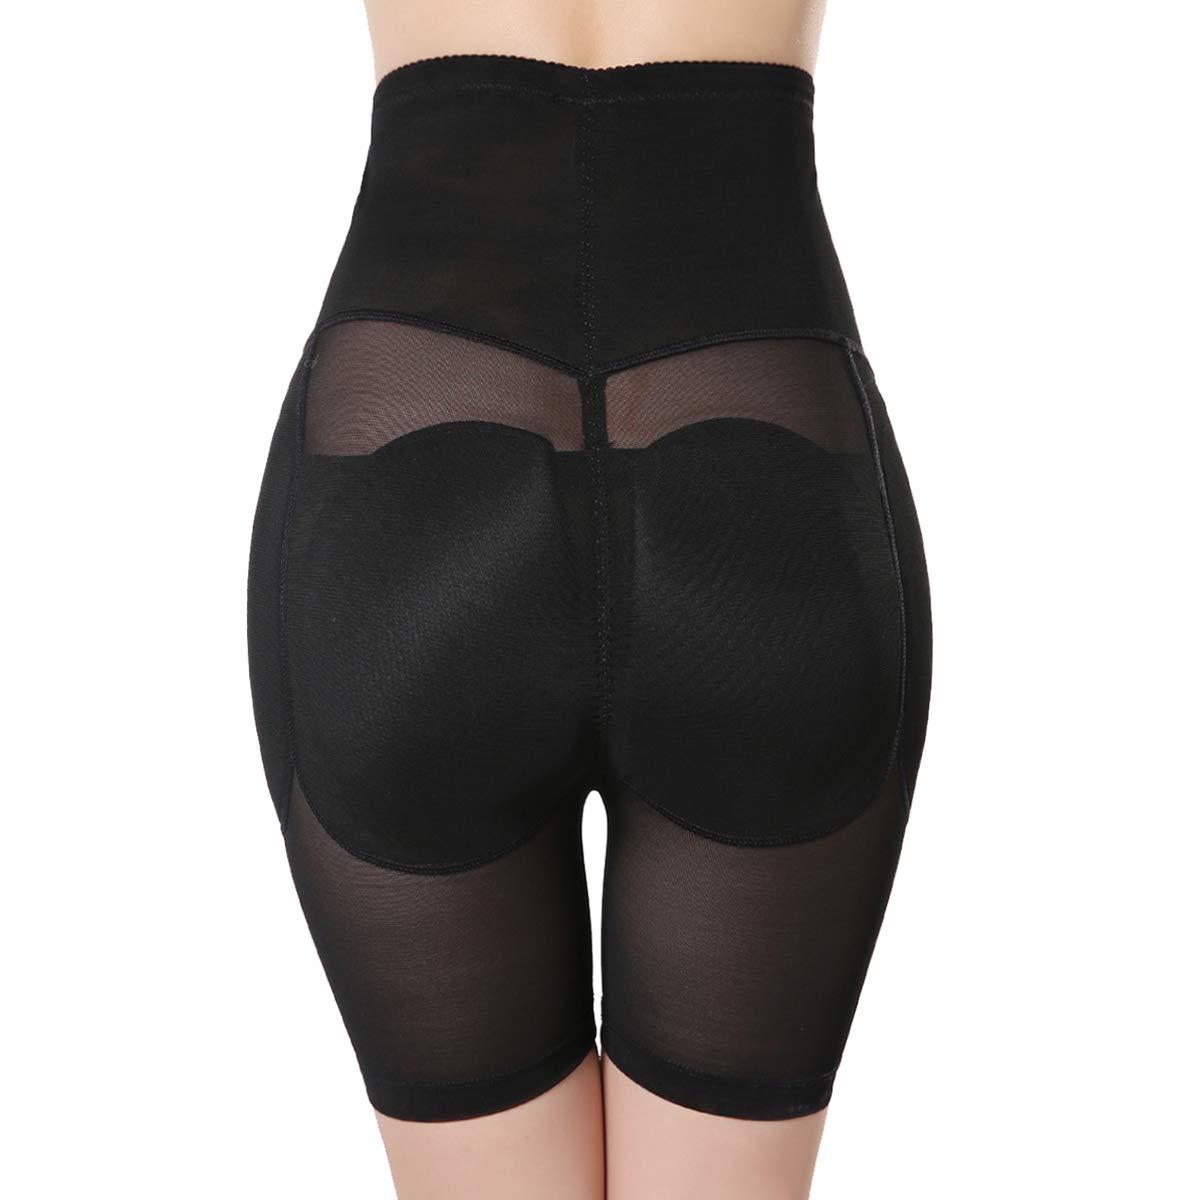 TOPMELON Women's Shapewear Butt Lifter Padded Panty Body Shaper